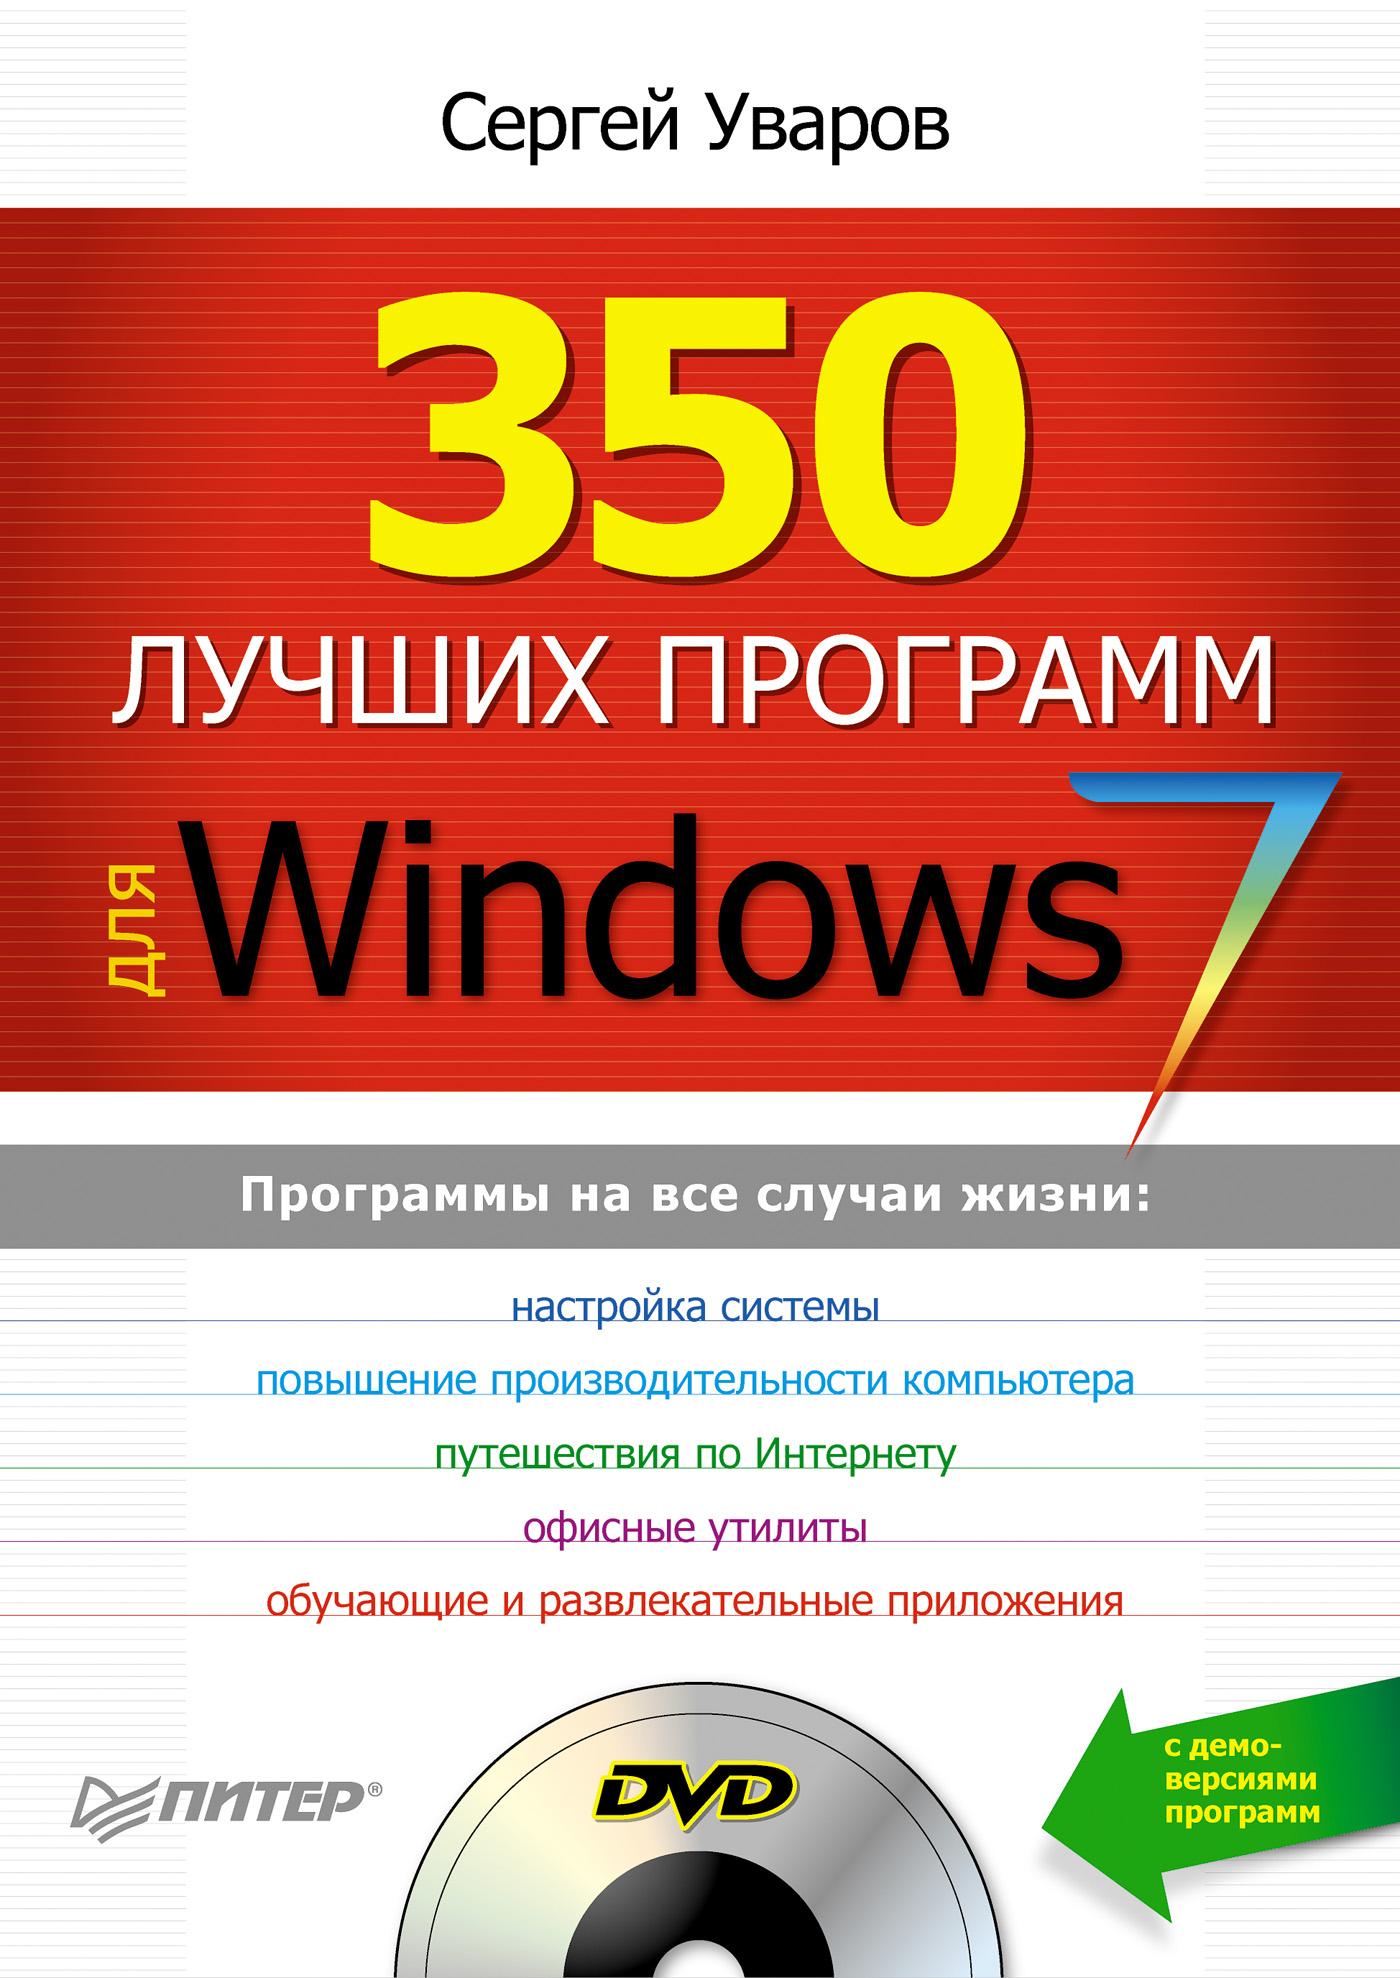 Сергей Сергеевич Уваров 350 лучших программ для Windows 7 программы для презентации на windows 7